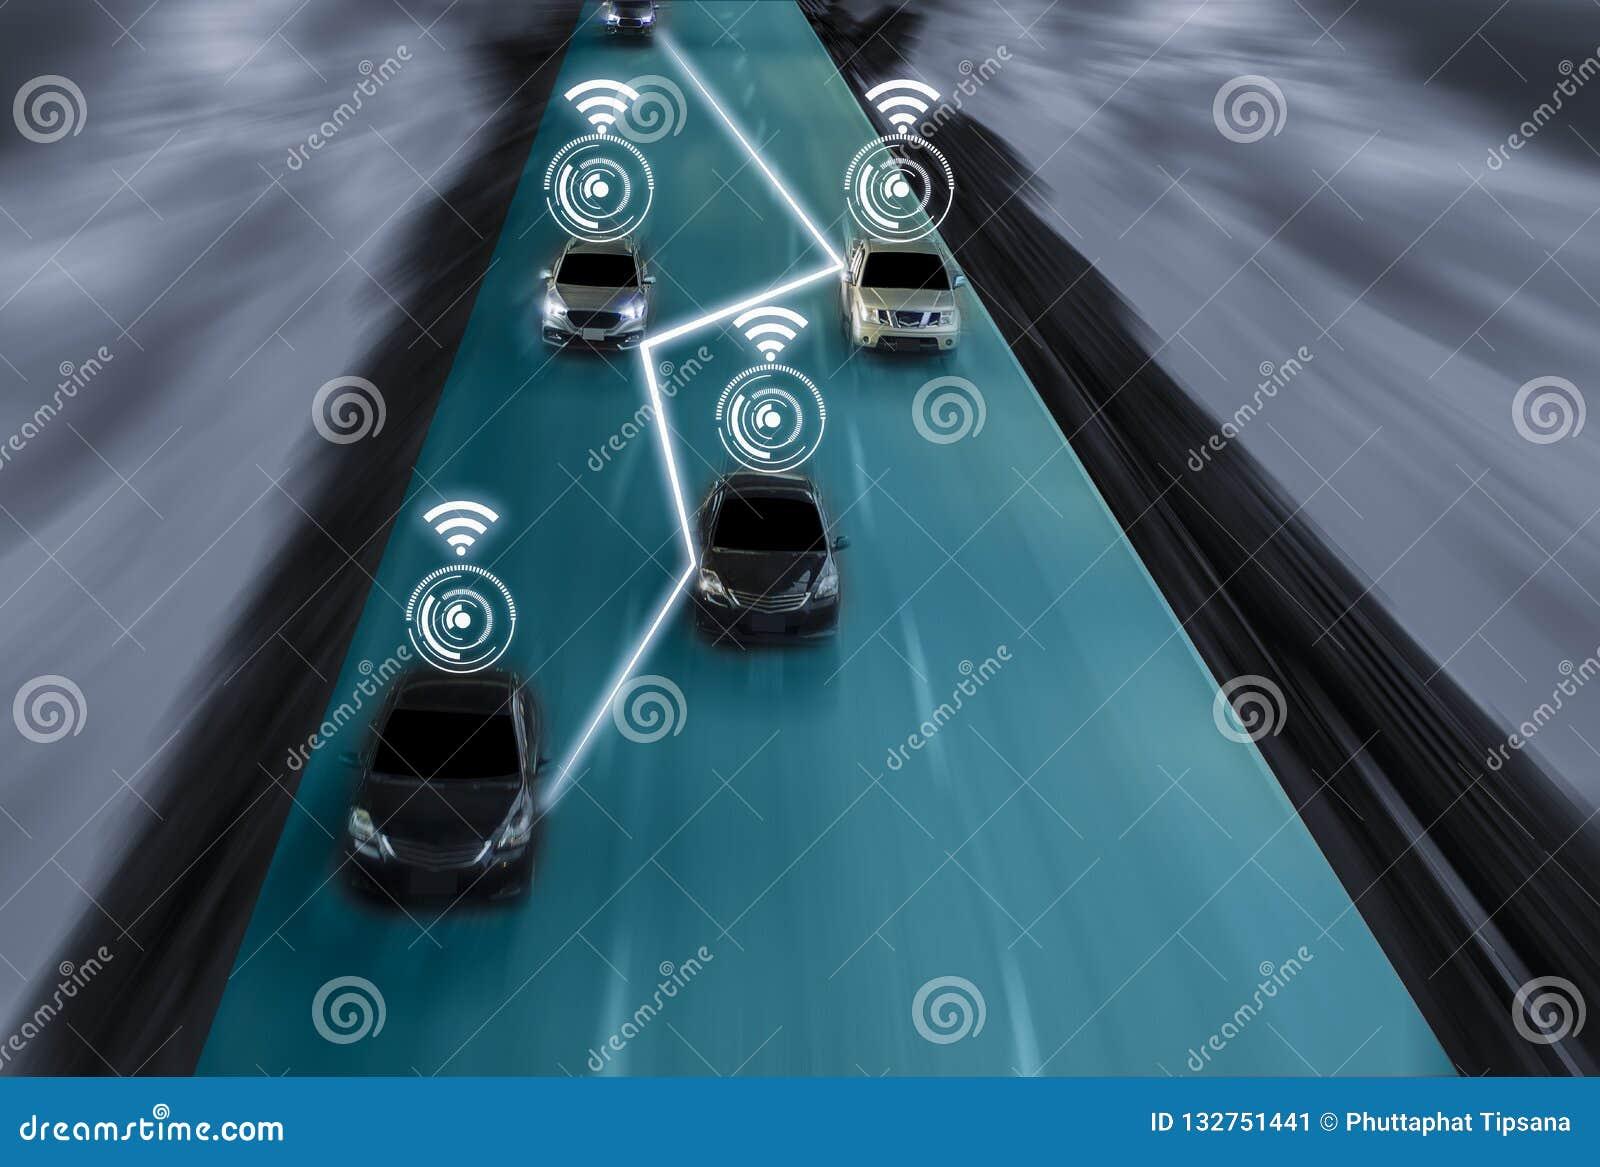 Camino futurista del genio para el uno mismo inteligente que conduce los coches, arte